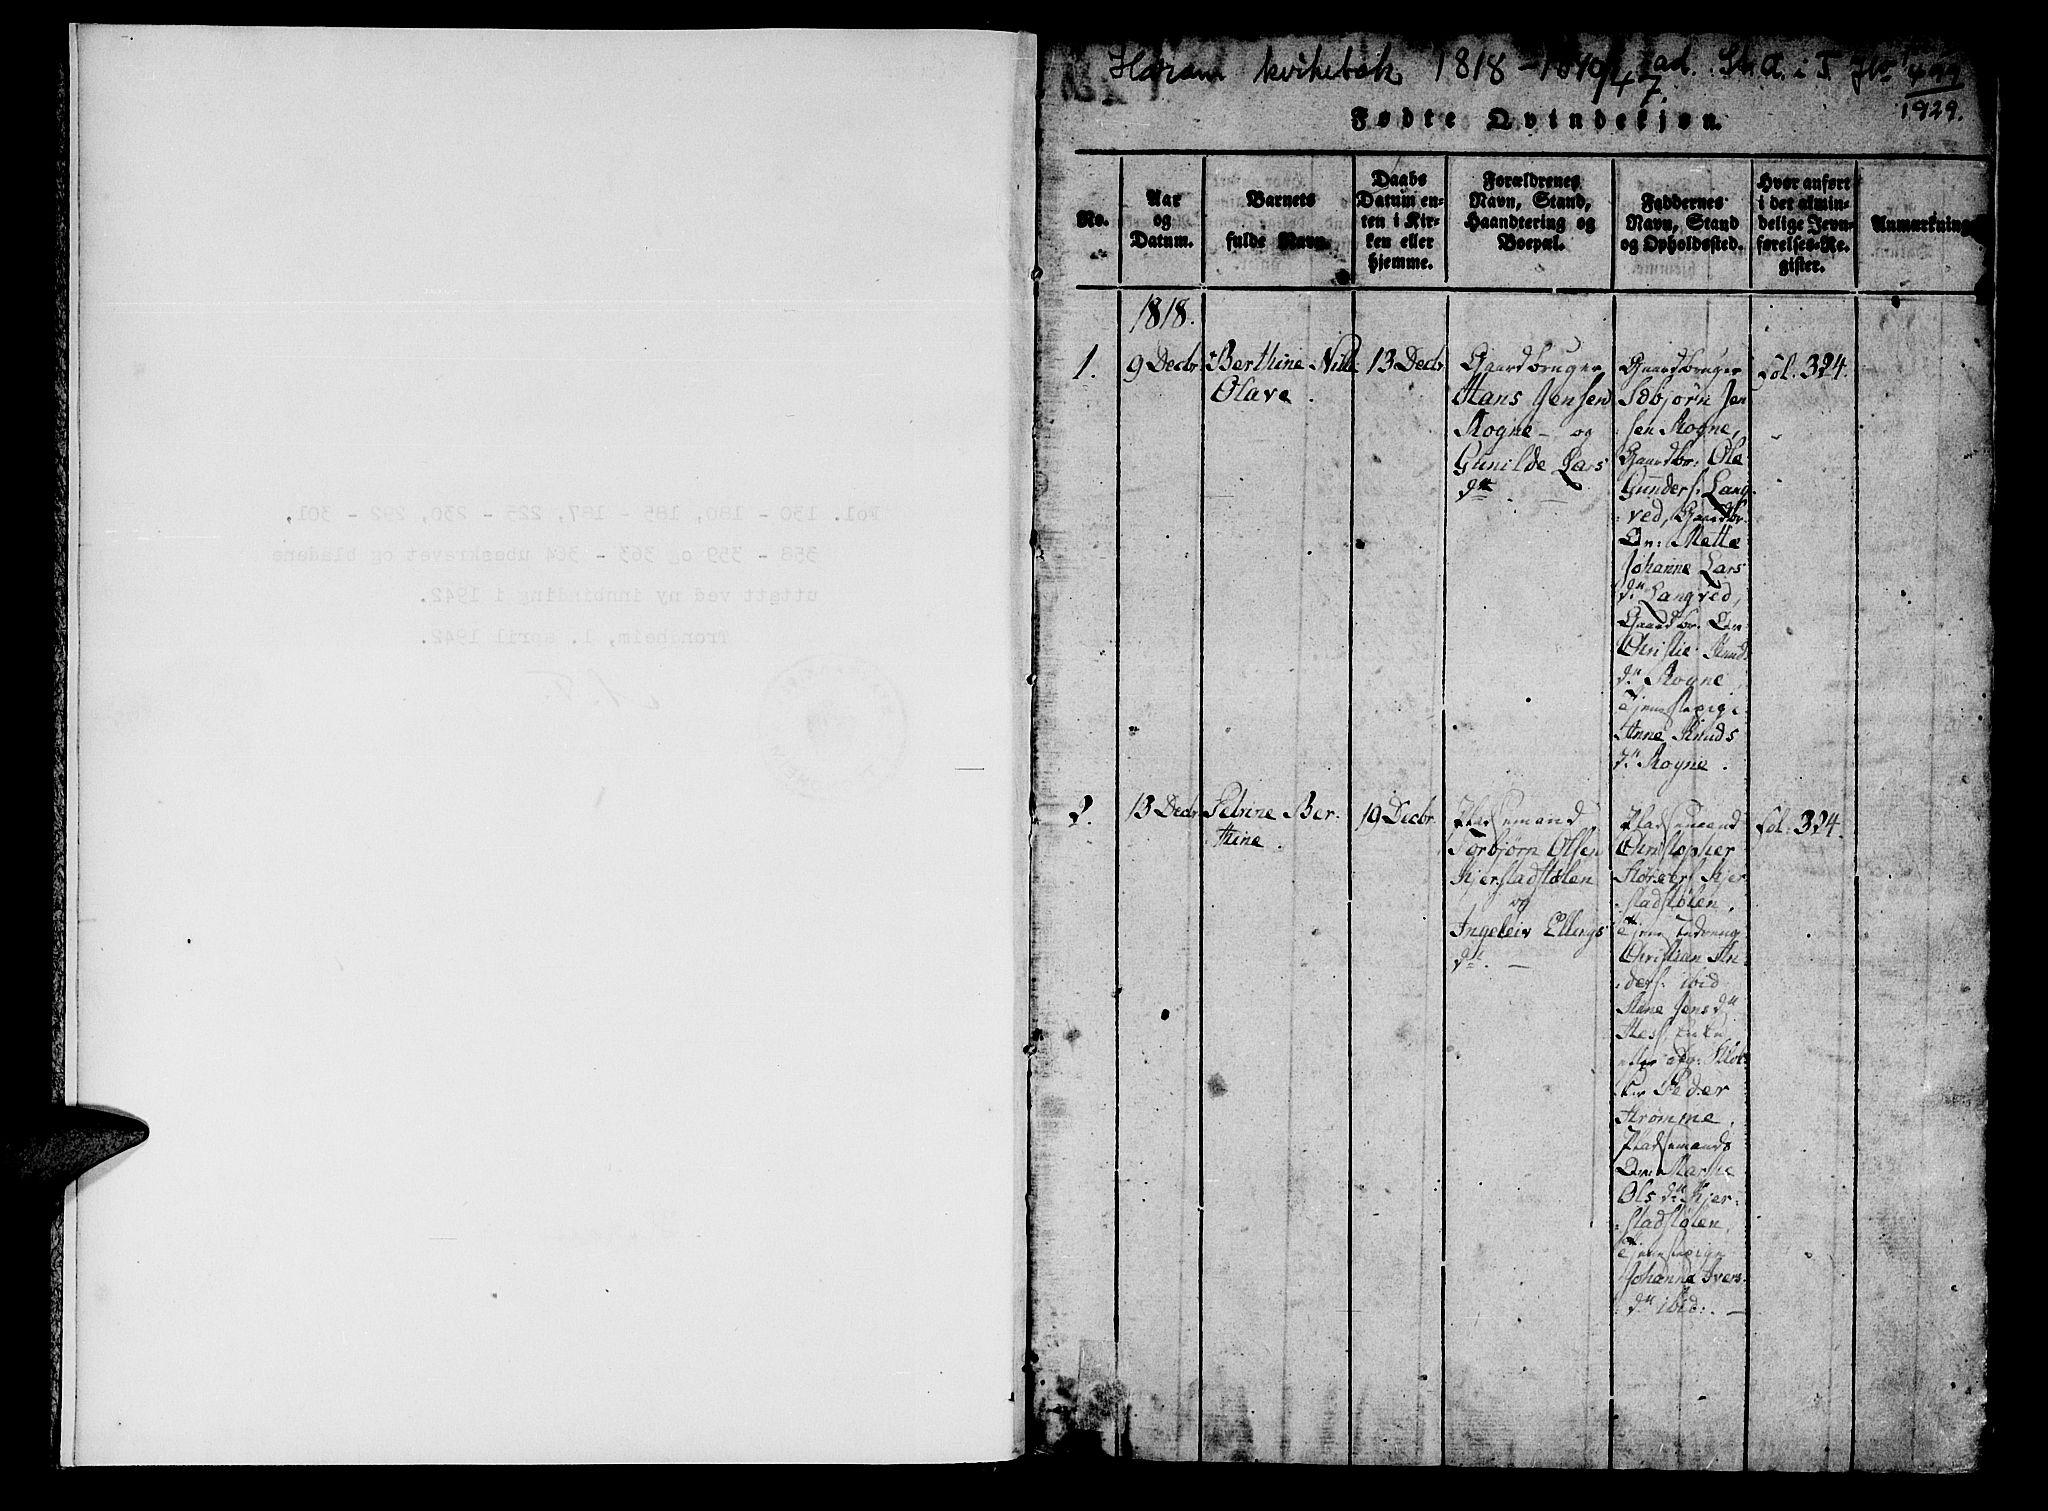 SAT, Ministerialprotokoller, klokkerbøker og fødselsregistre - Møre og Romsdal, 536/L0495: Ministerialbok nr. 536A04, 1818-1847, s. 1